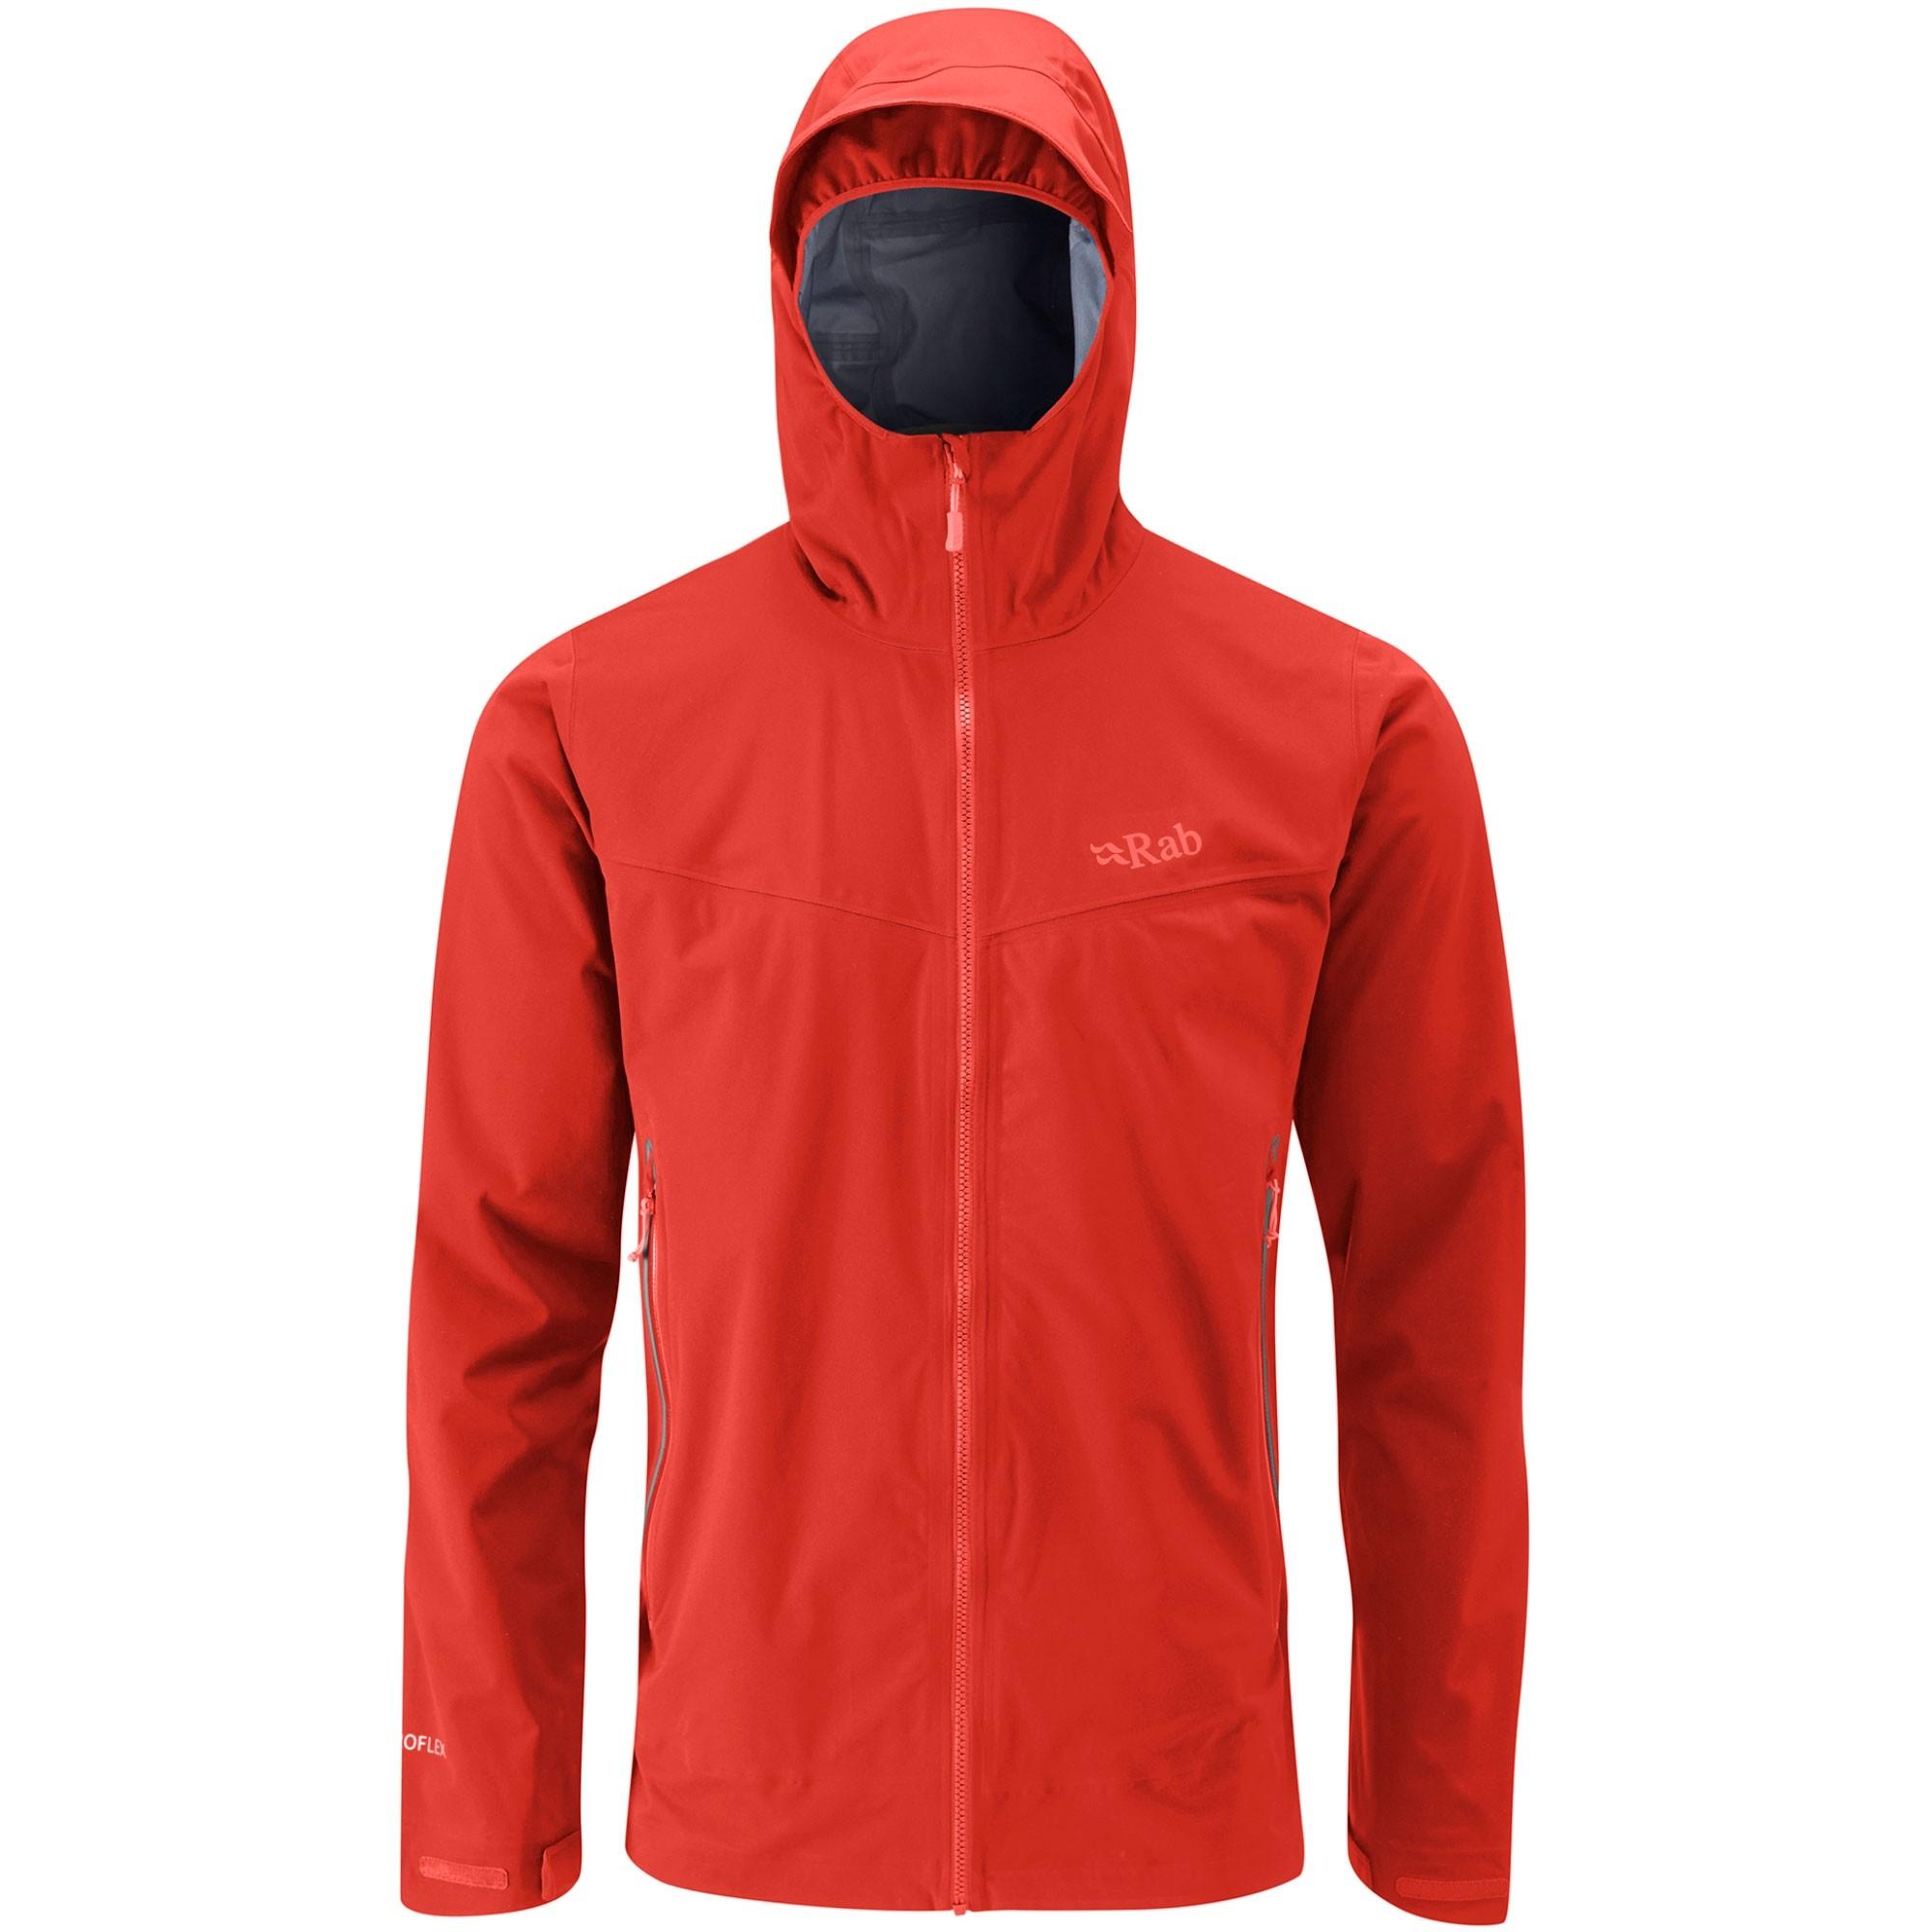 Rab Kinetic Plus Men's Waterproof Jacket - Dark Horizon